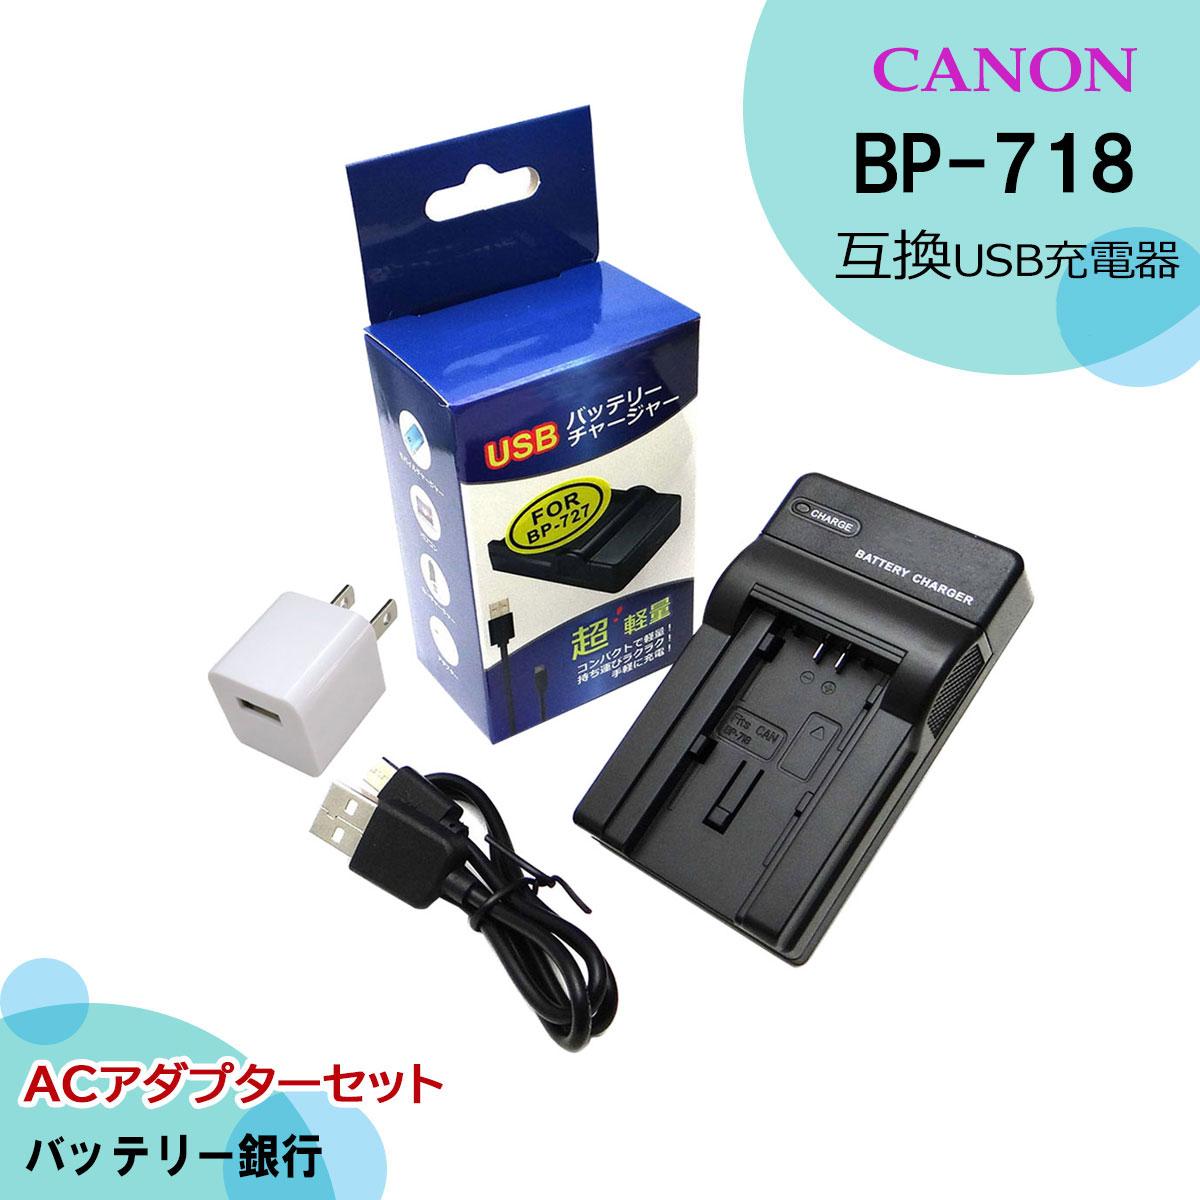 ★コンセント充電可能★ Canon BP-718 / BP-727 / BP-745 互換充電器 CG-700 Canon ビデオカメラ アイビス対応 iVIS HF R32 / iVI